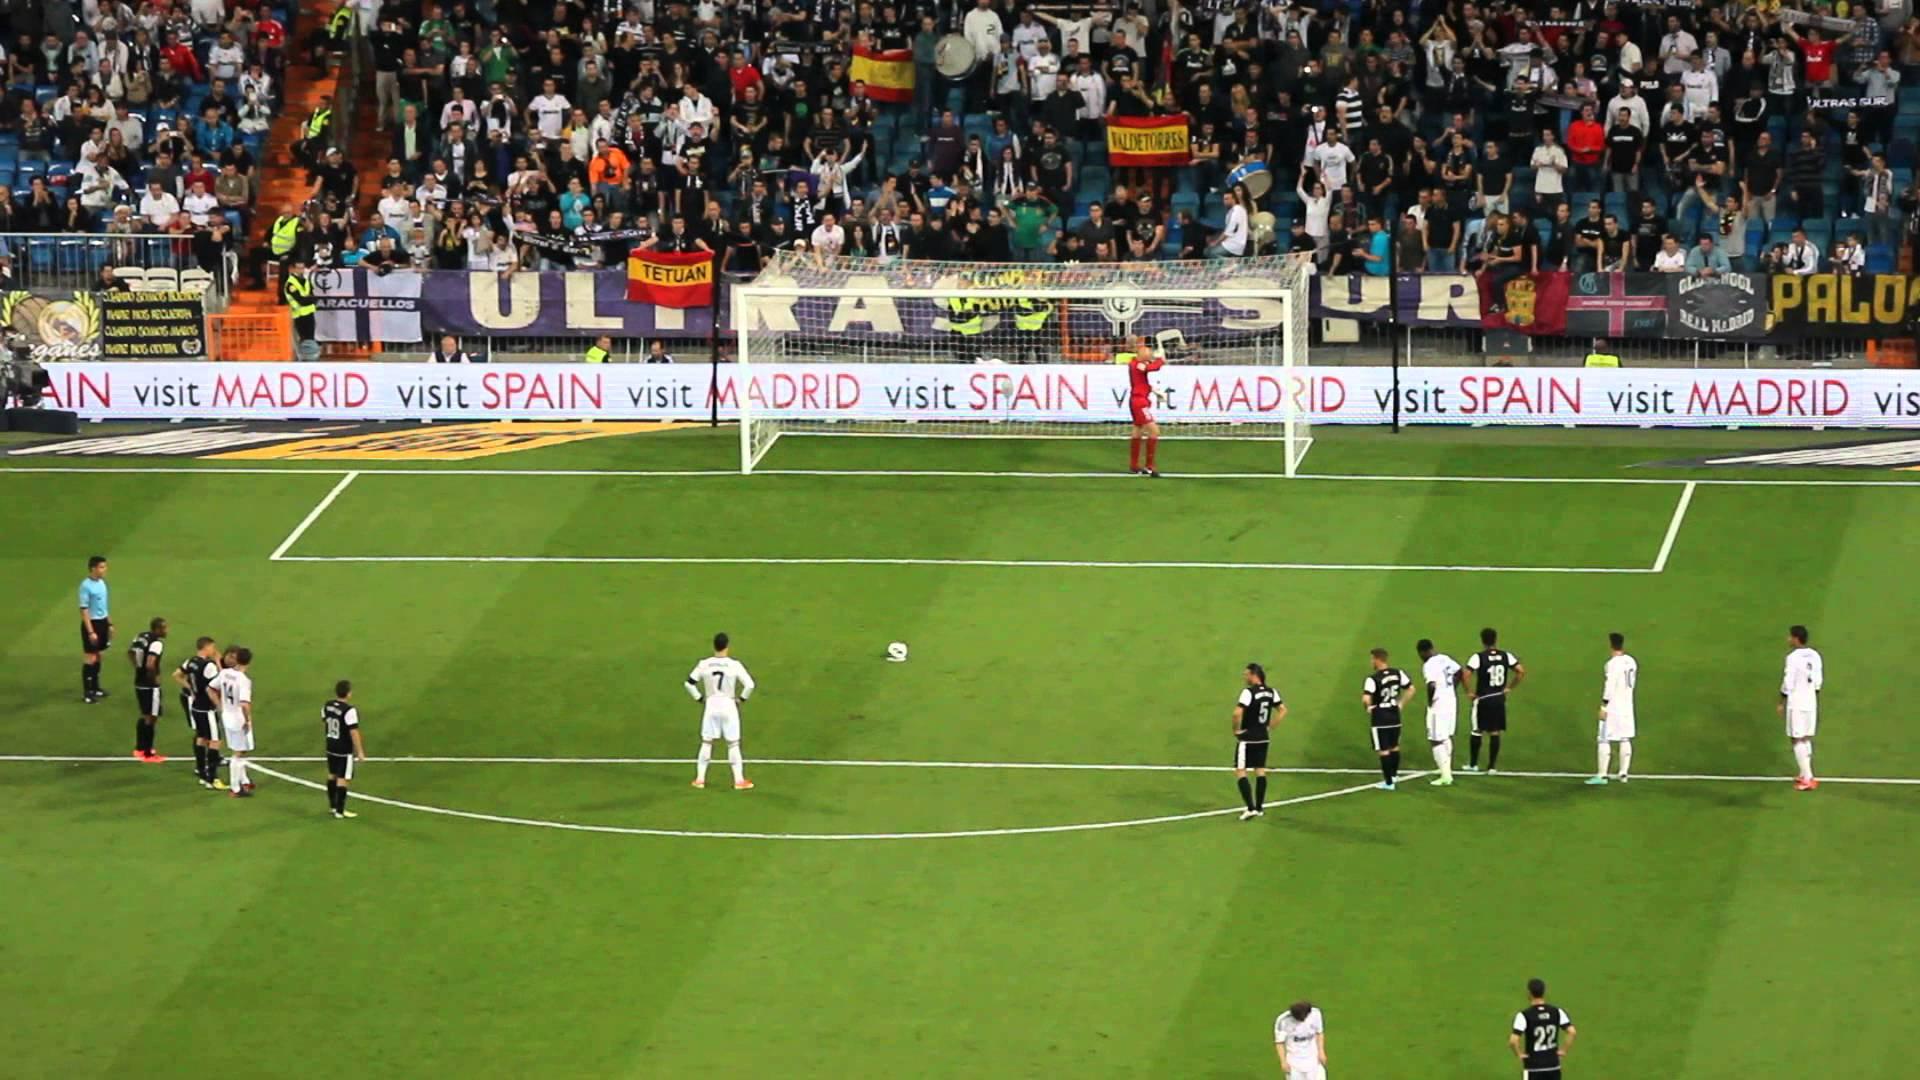 ¿Cuánto mide una portería de fútbol?